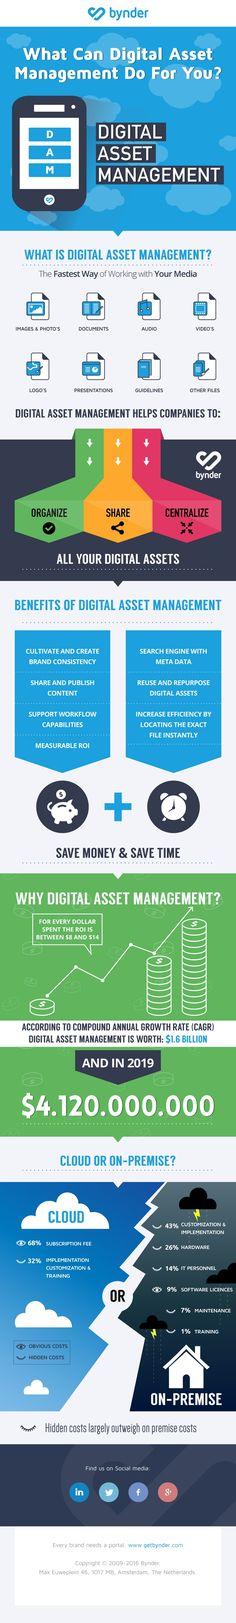 32 best Digital Asset Management images on Pinterest Digital asset